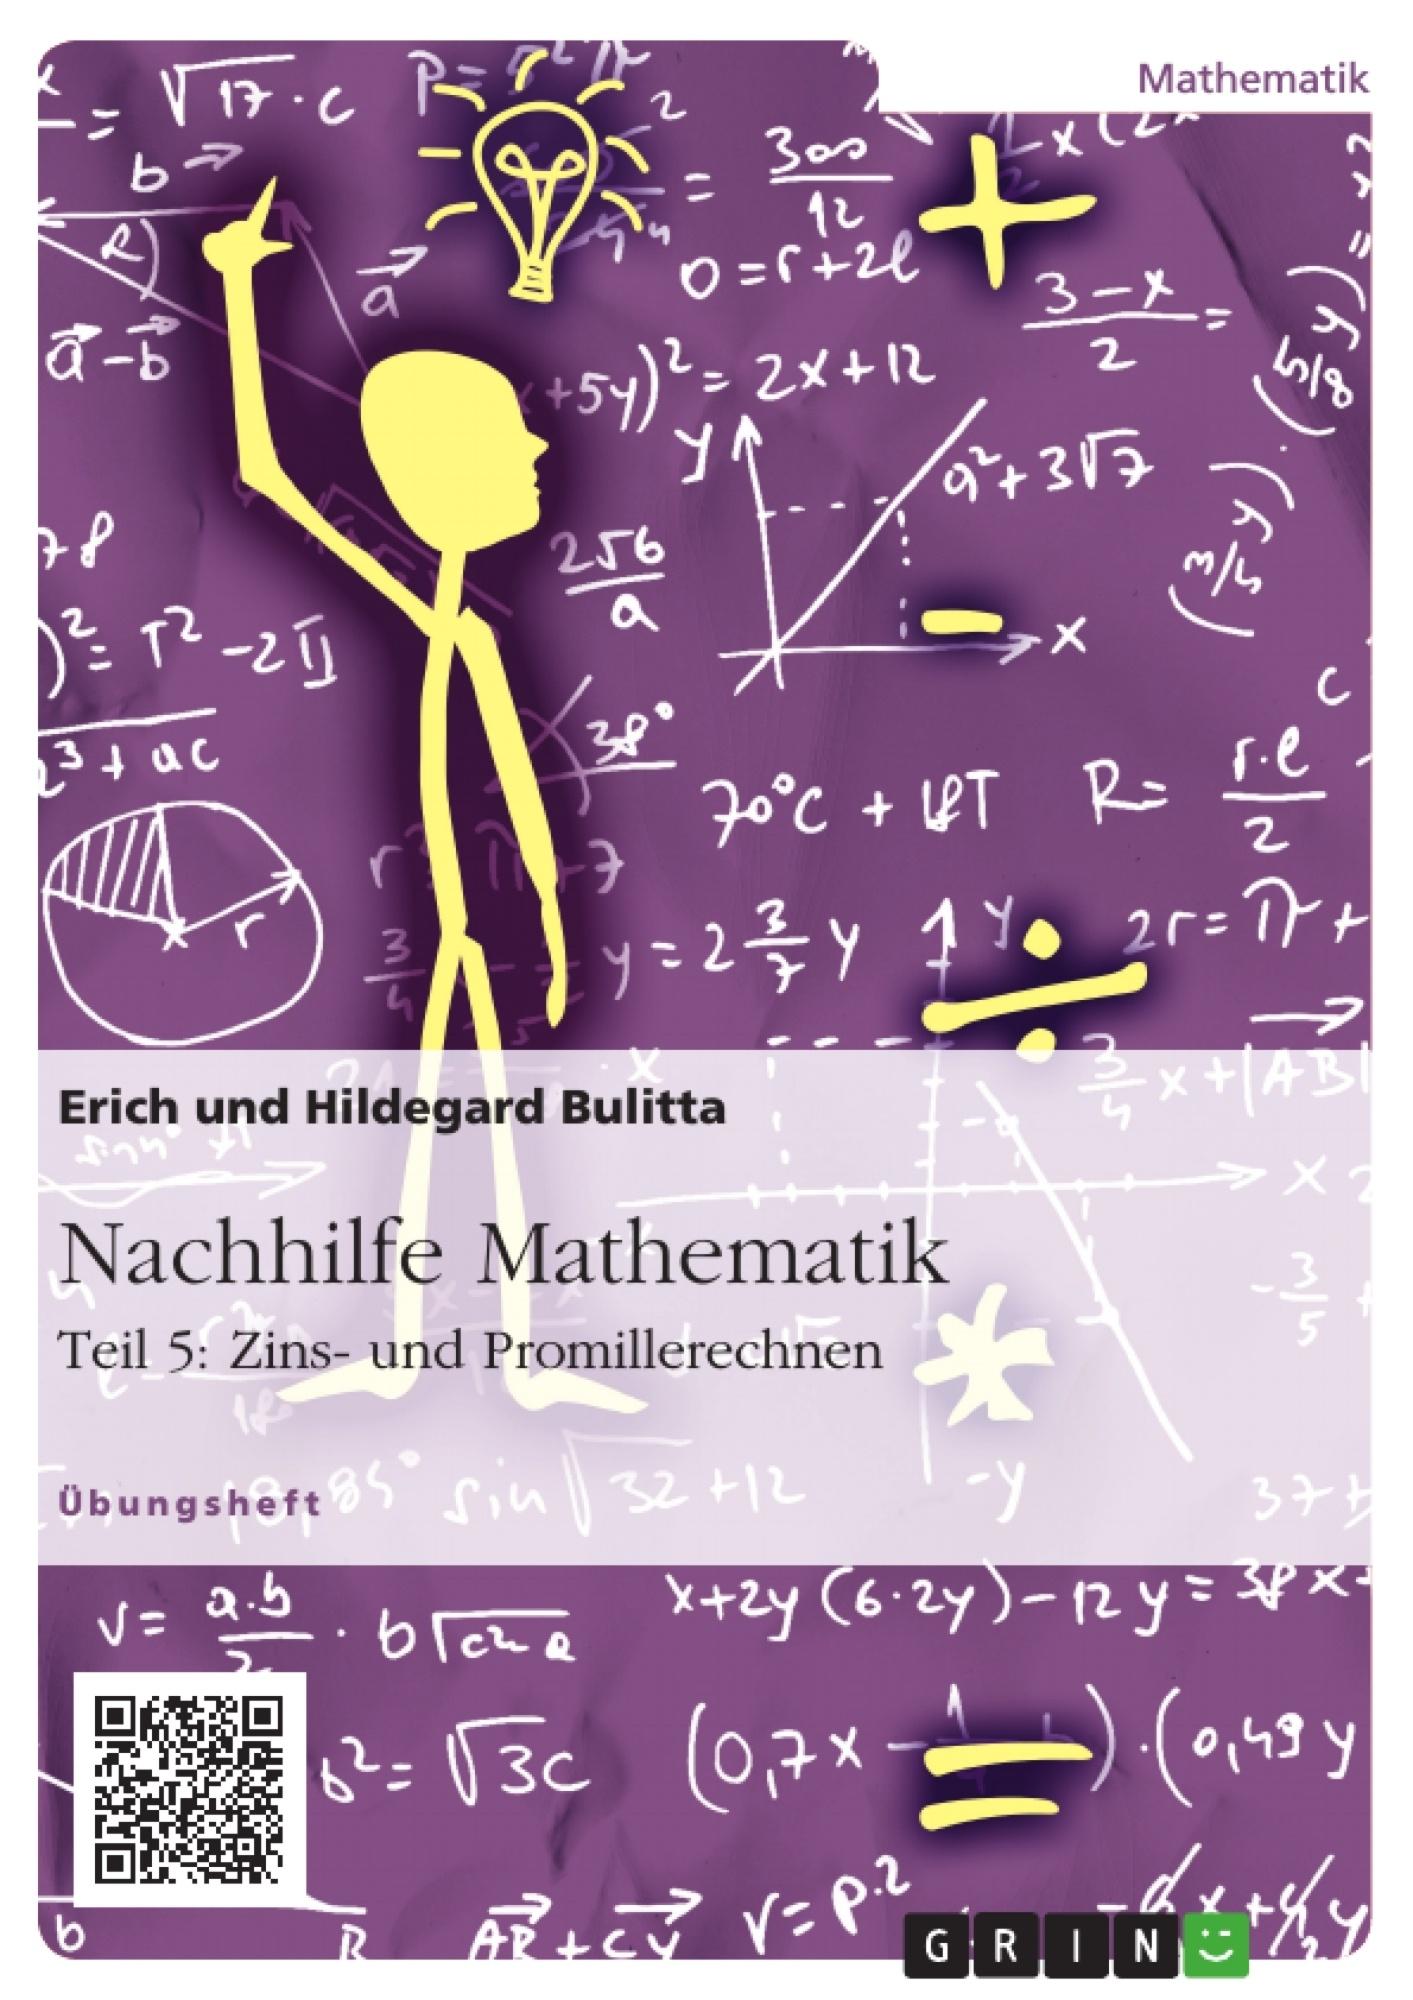 Nachhilfe Mathematik - Teil 5: Zins- und Promillerechnen ...